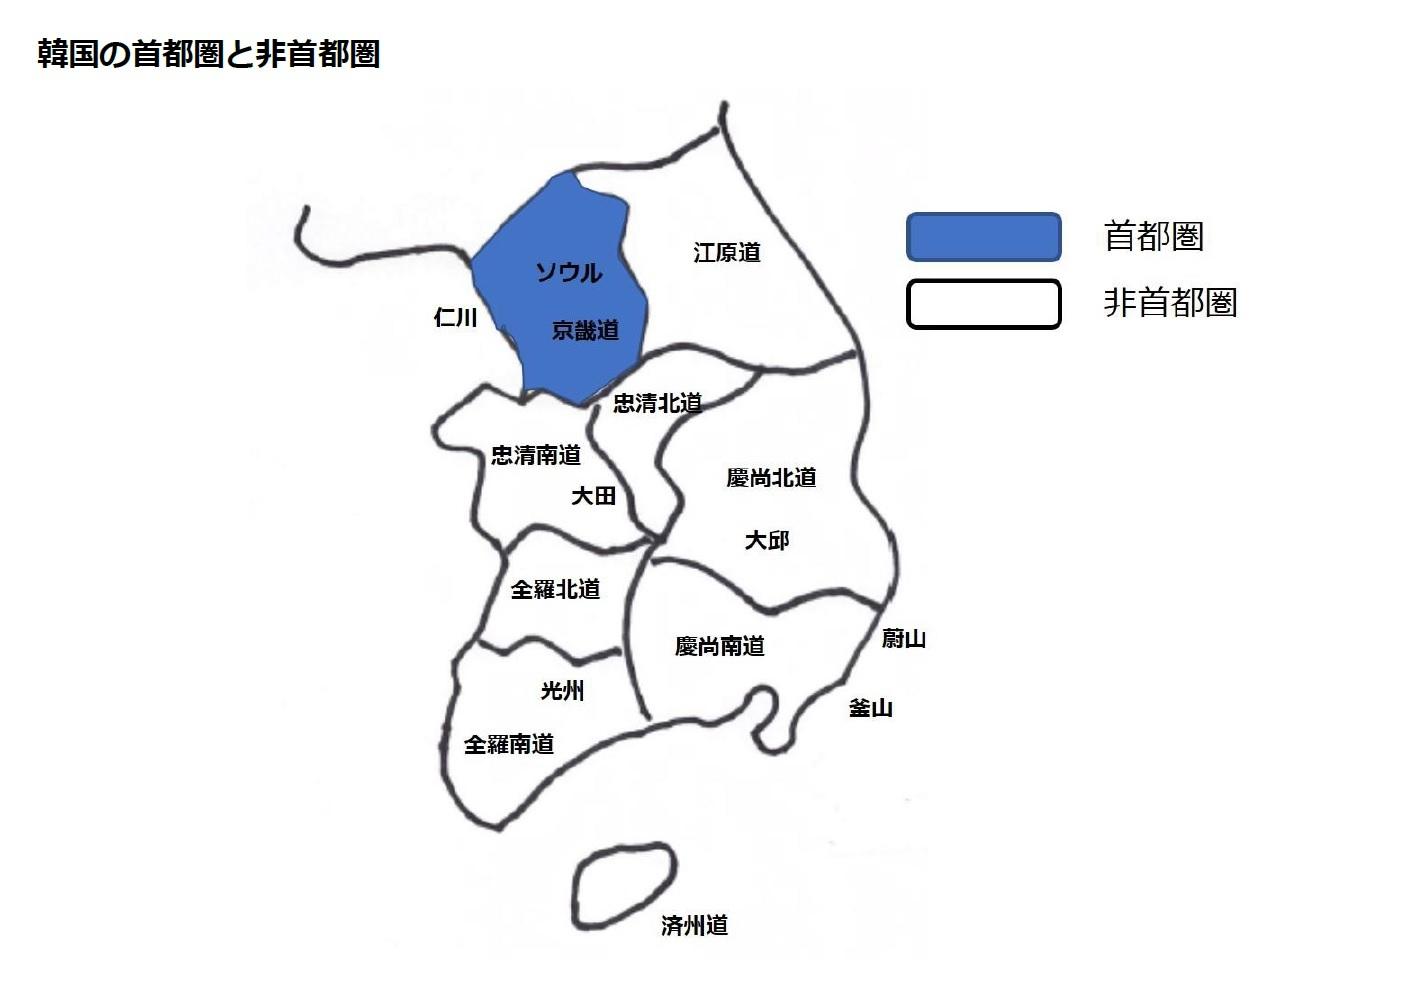 韓国の首都圏と非首都圏